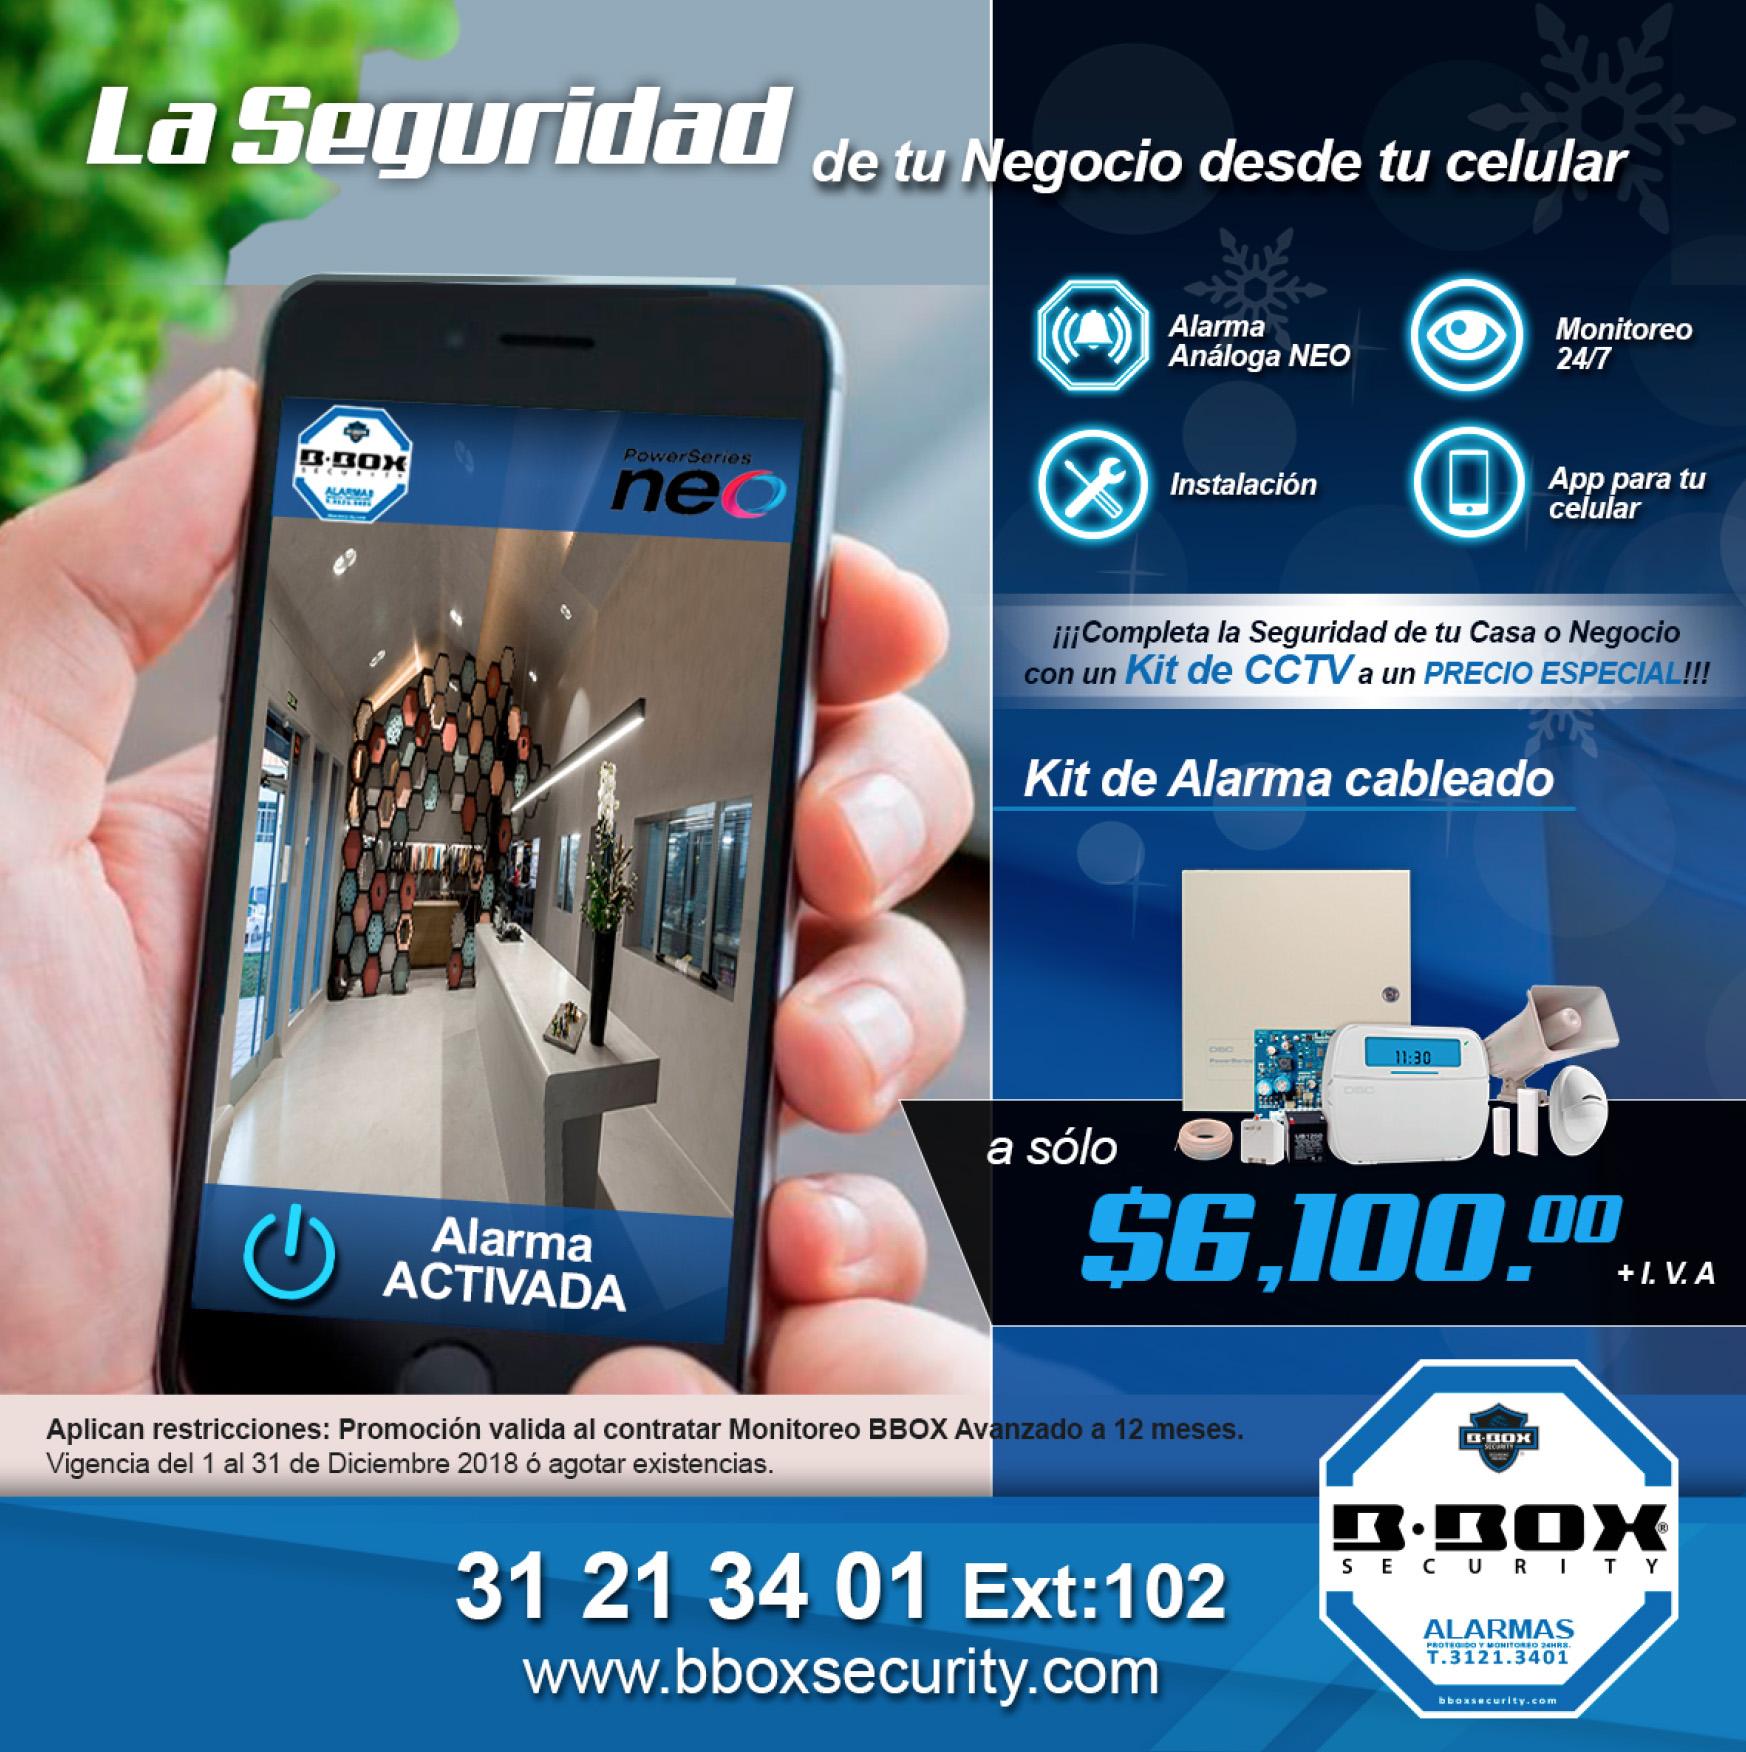 BBOX Security Seguridad monitoreo de alarma promocion kit c - Servicio de Monitoro de Alarma en Guadalajara | BBOX Security